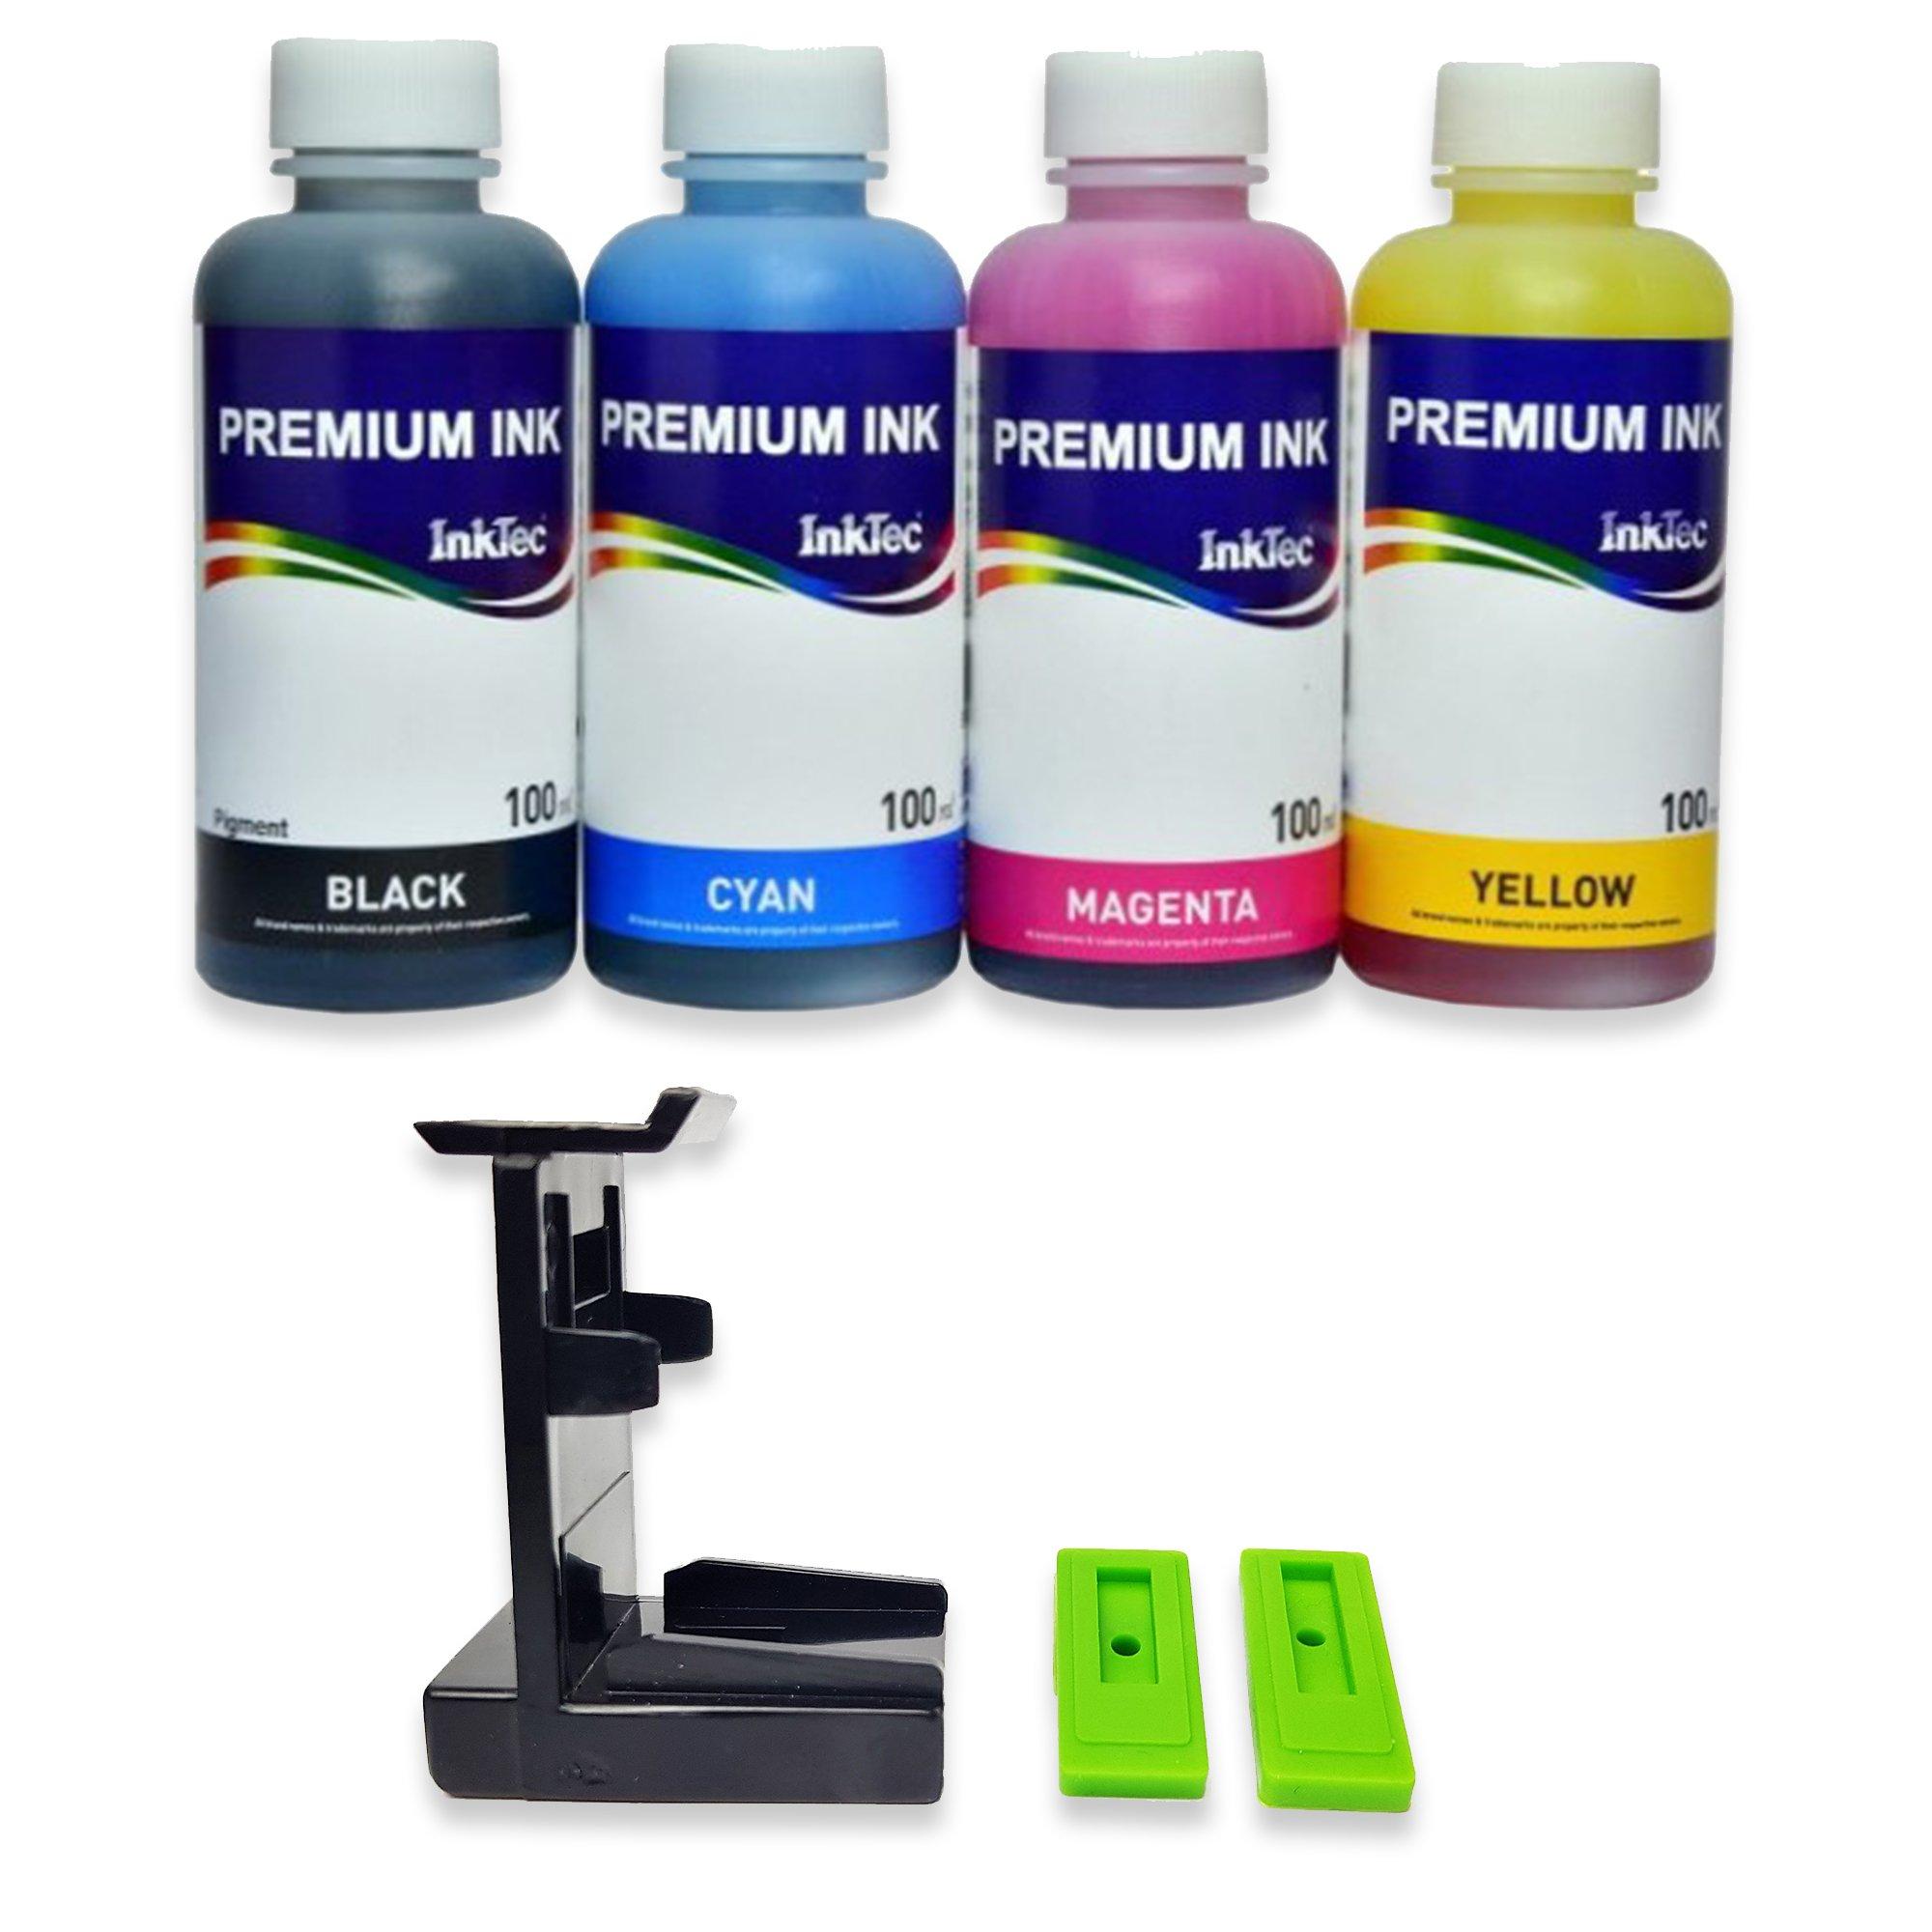 Carga Cartuchos HP 302, 302 XL – Kit Recarga Tinta InkTec para ...